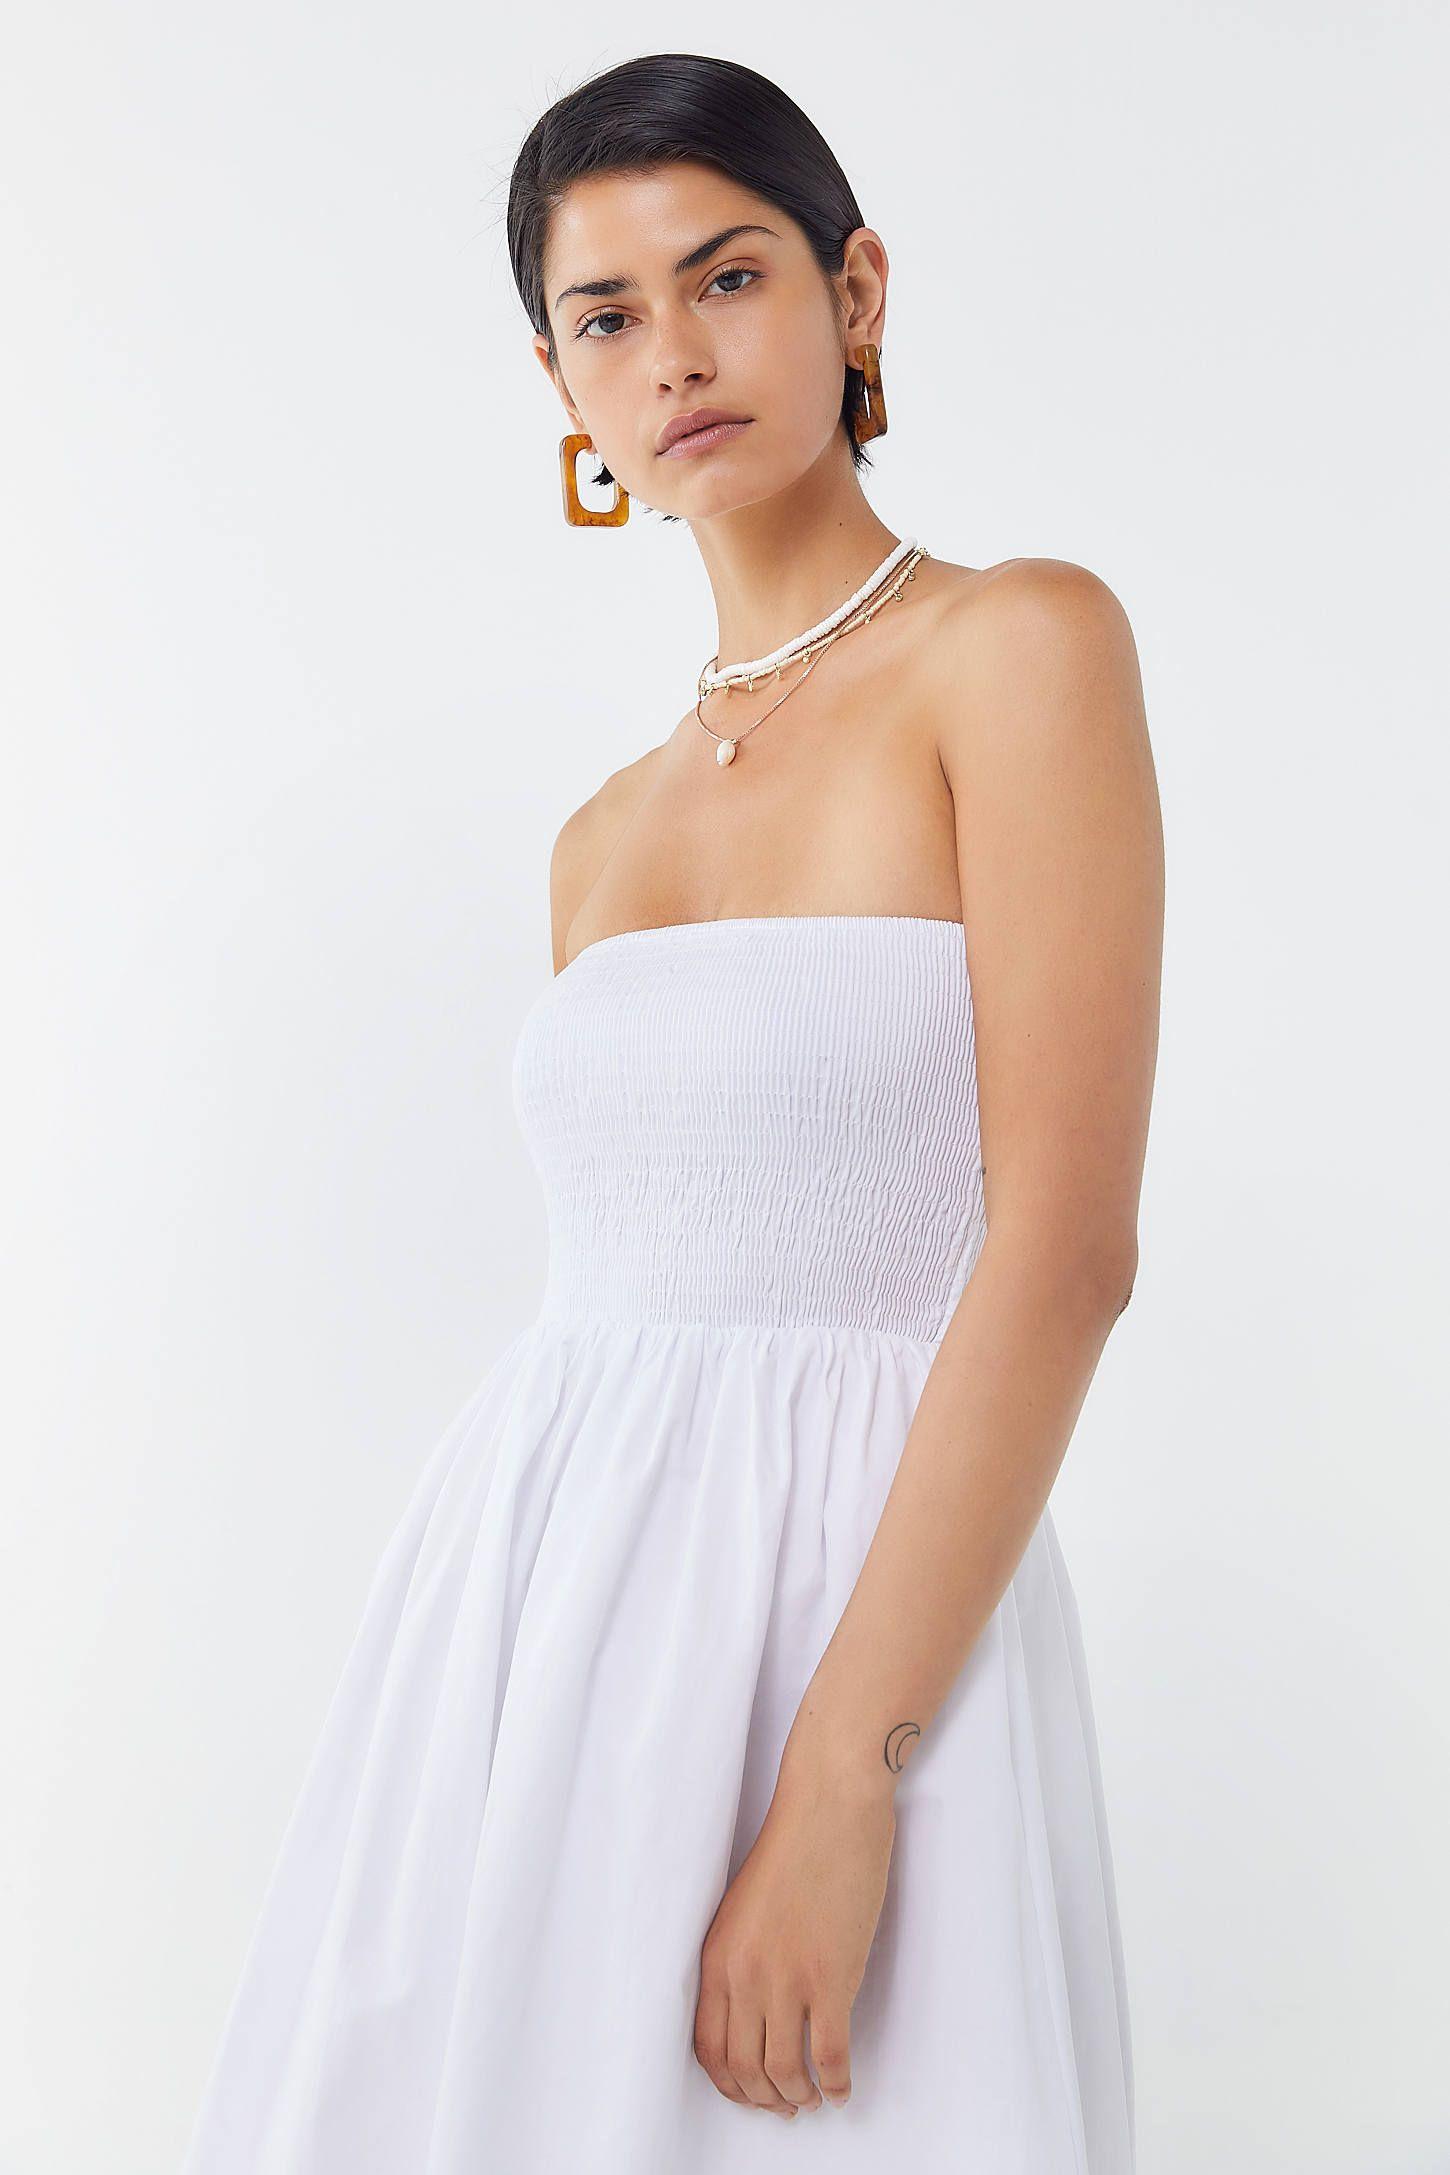 Uo Sienna Smocked Strapless Midi Dress Urban Outfitters Dresses Strapless Midi Dress Urban Dresses [ 2175 x 1450 Pixel ]